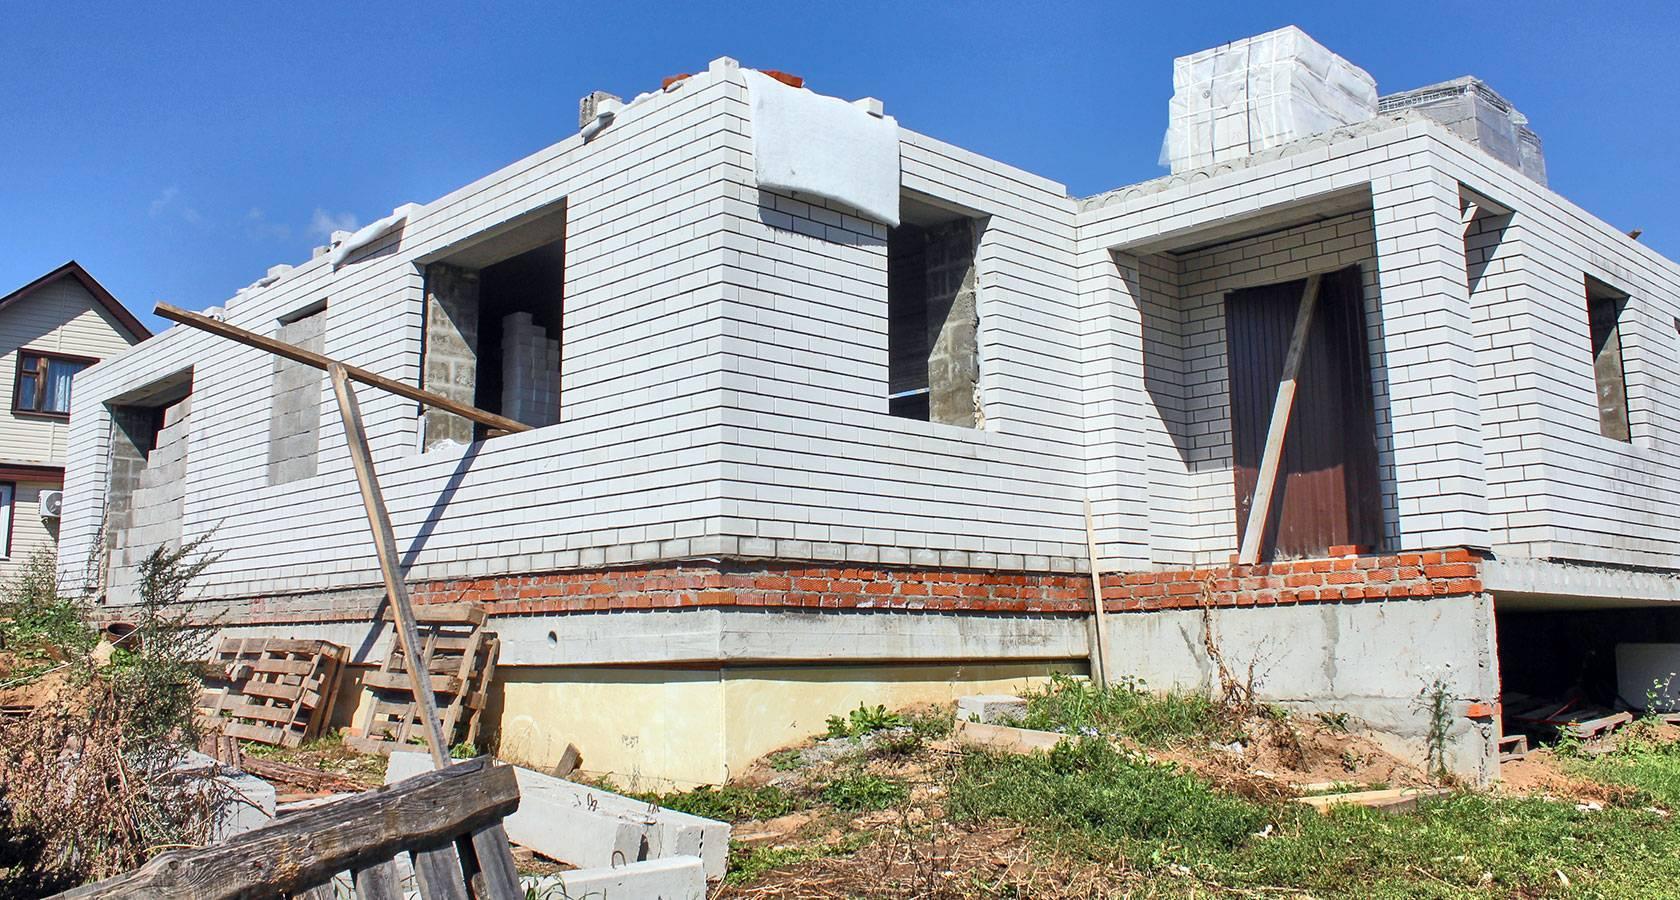 12 советов, какой кирпич выбрать для строительства и облицовки дома | строительный блог вити петрова